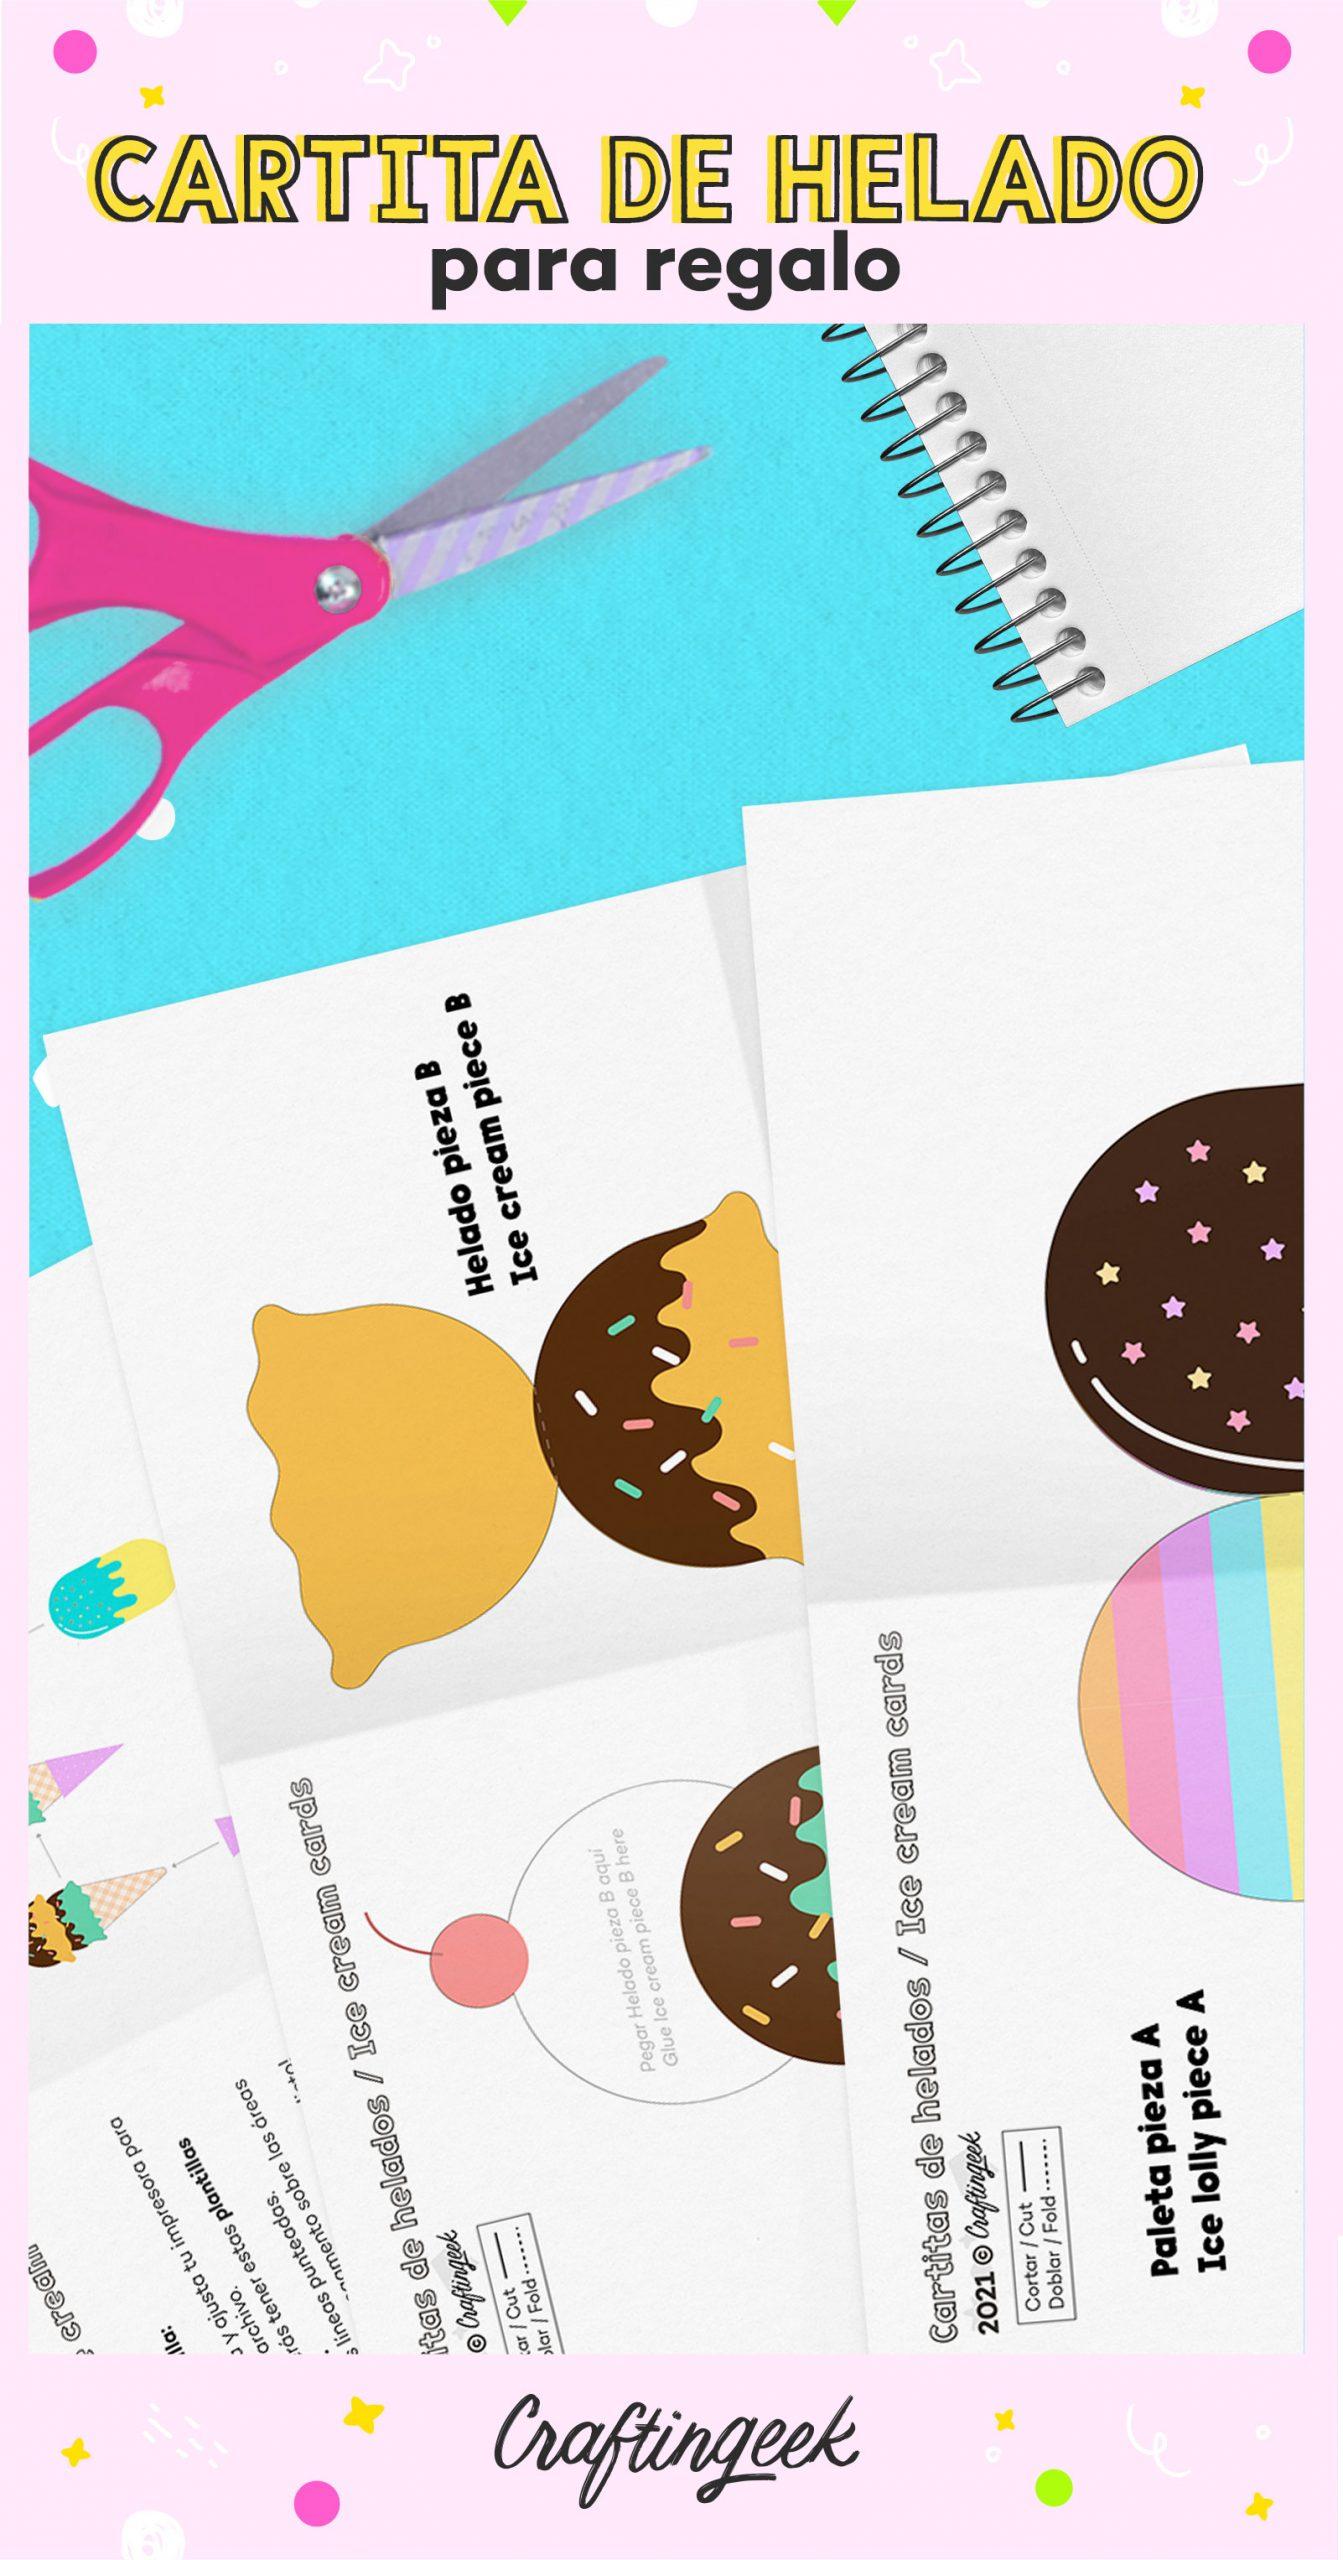 Descarga cartitas de regalo en forma de paleta para darle un toque especial a tu regalo.